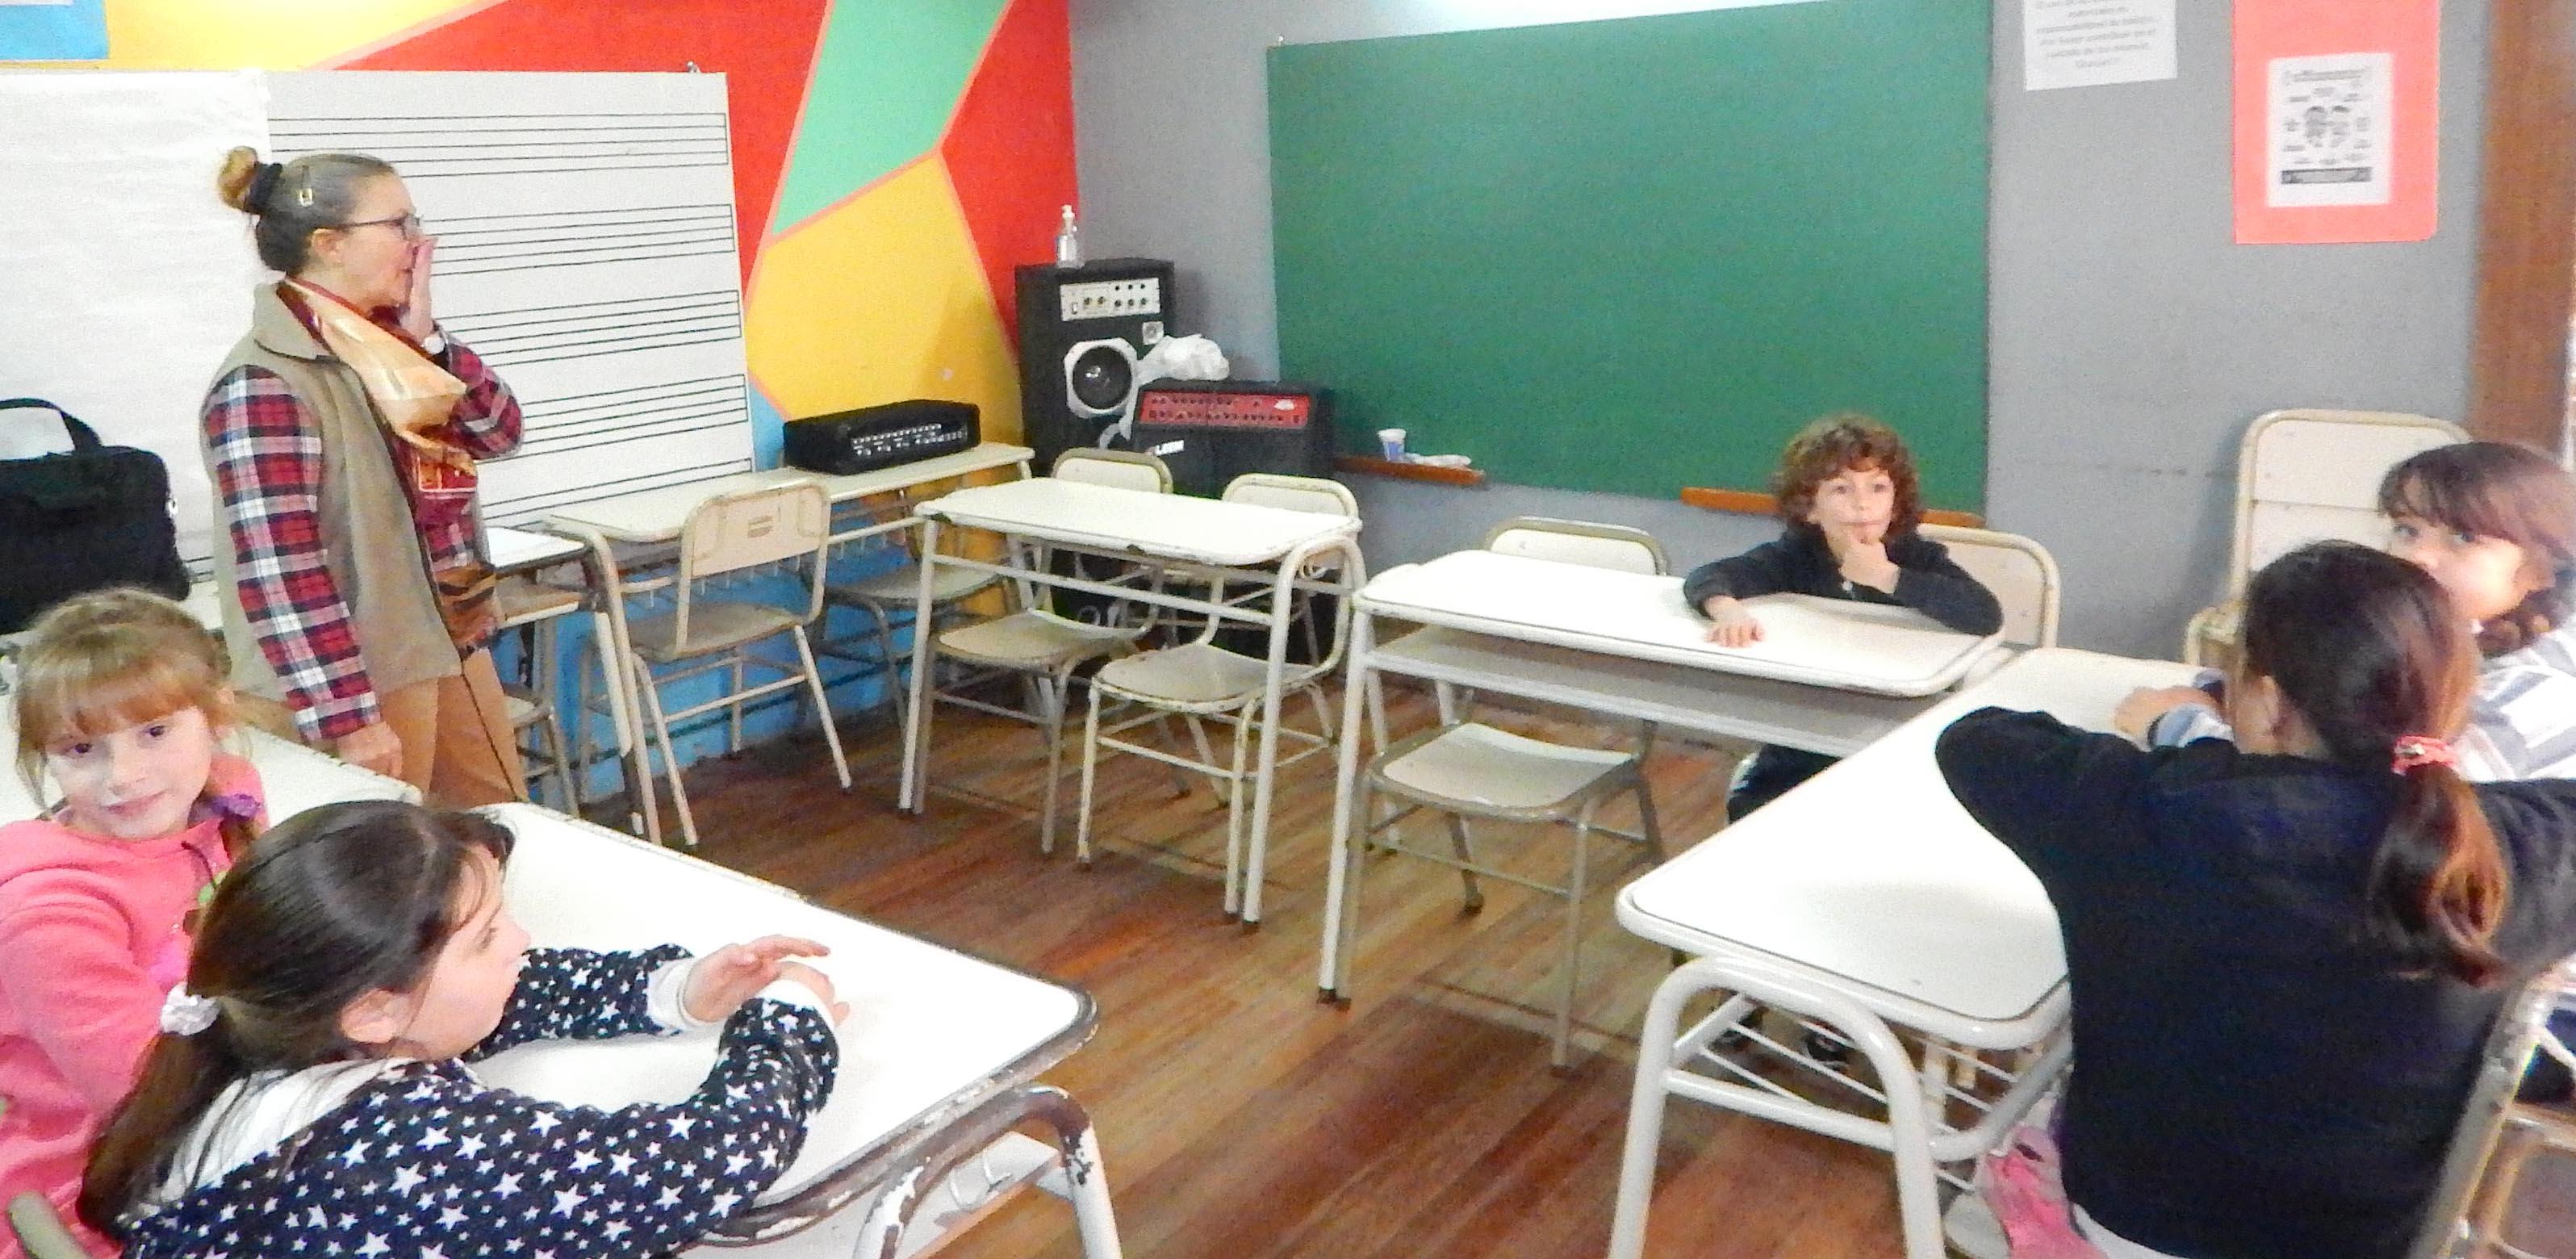 Vacaciones de Invierno: La Inspección Distrital propone actividades en la Escuela de Estética y el CEF 101